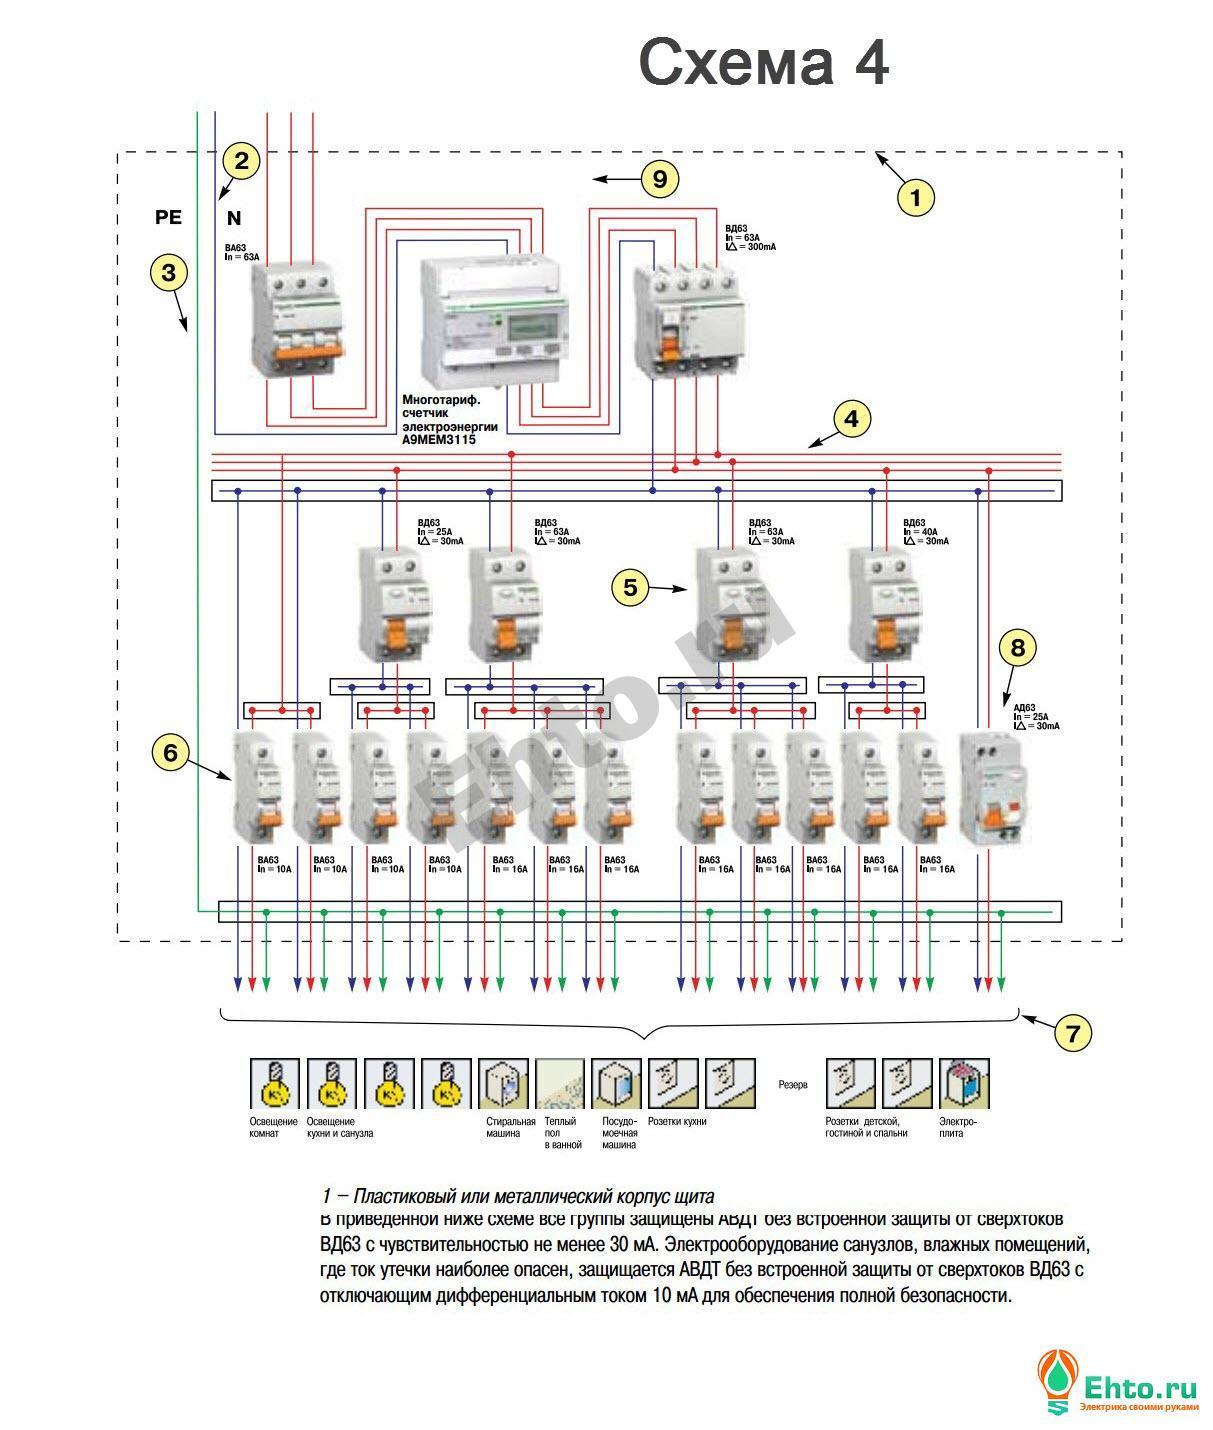 схема разеточной разеточной группы